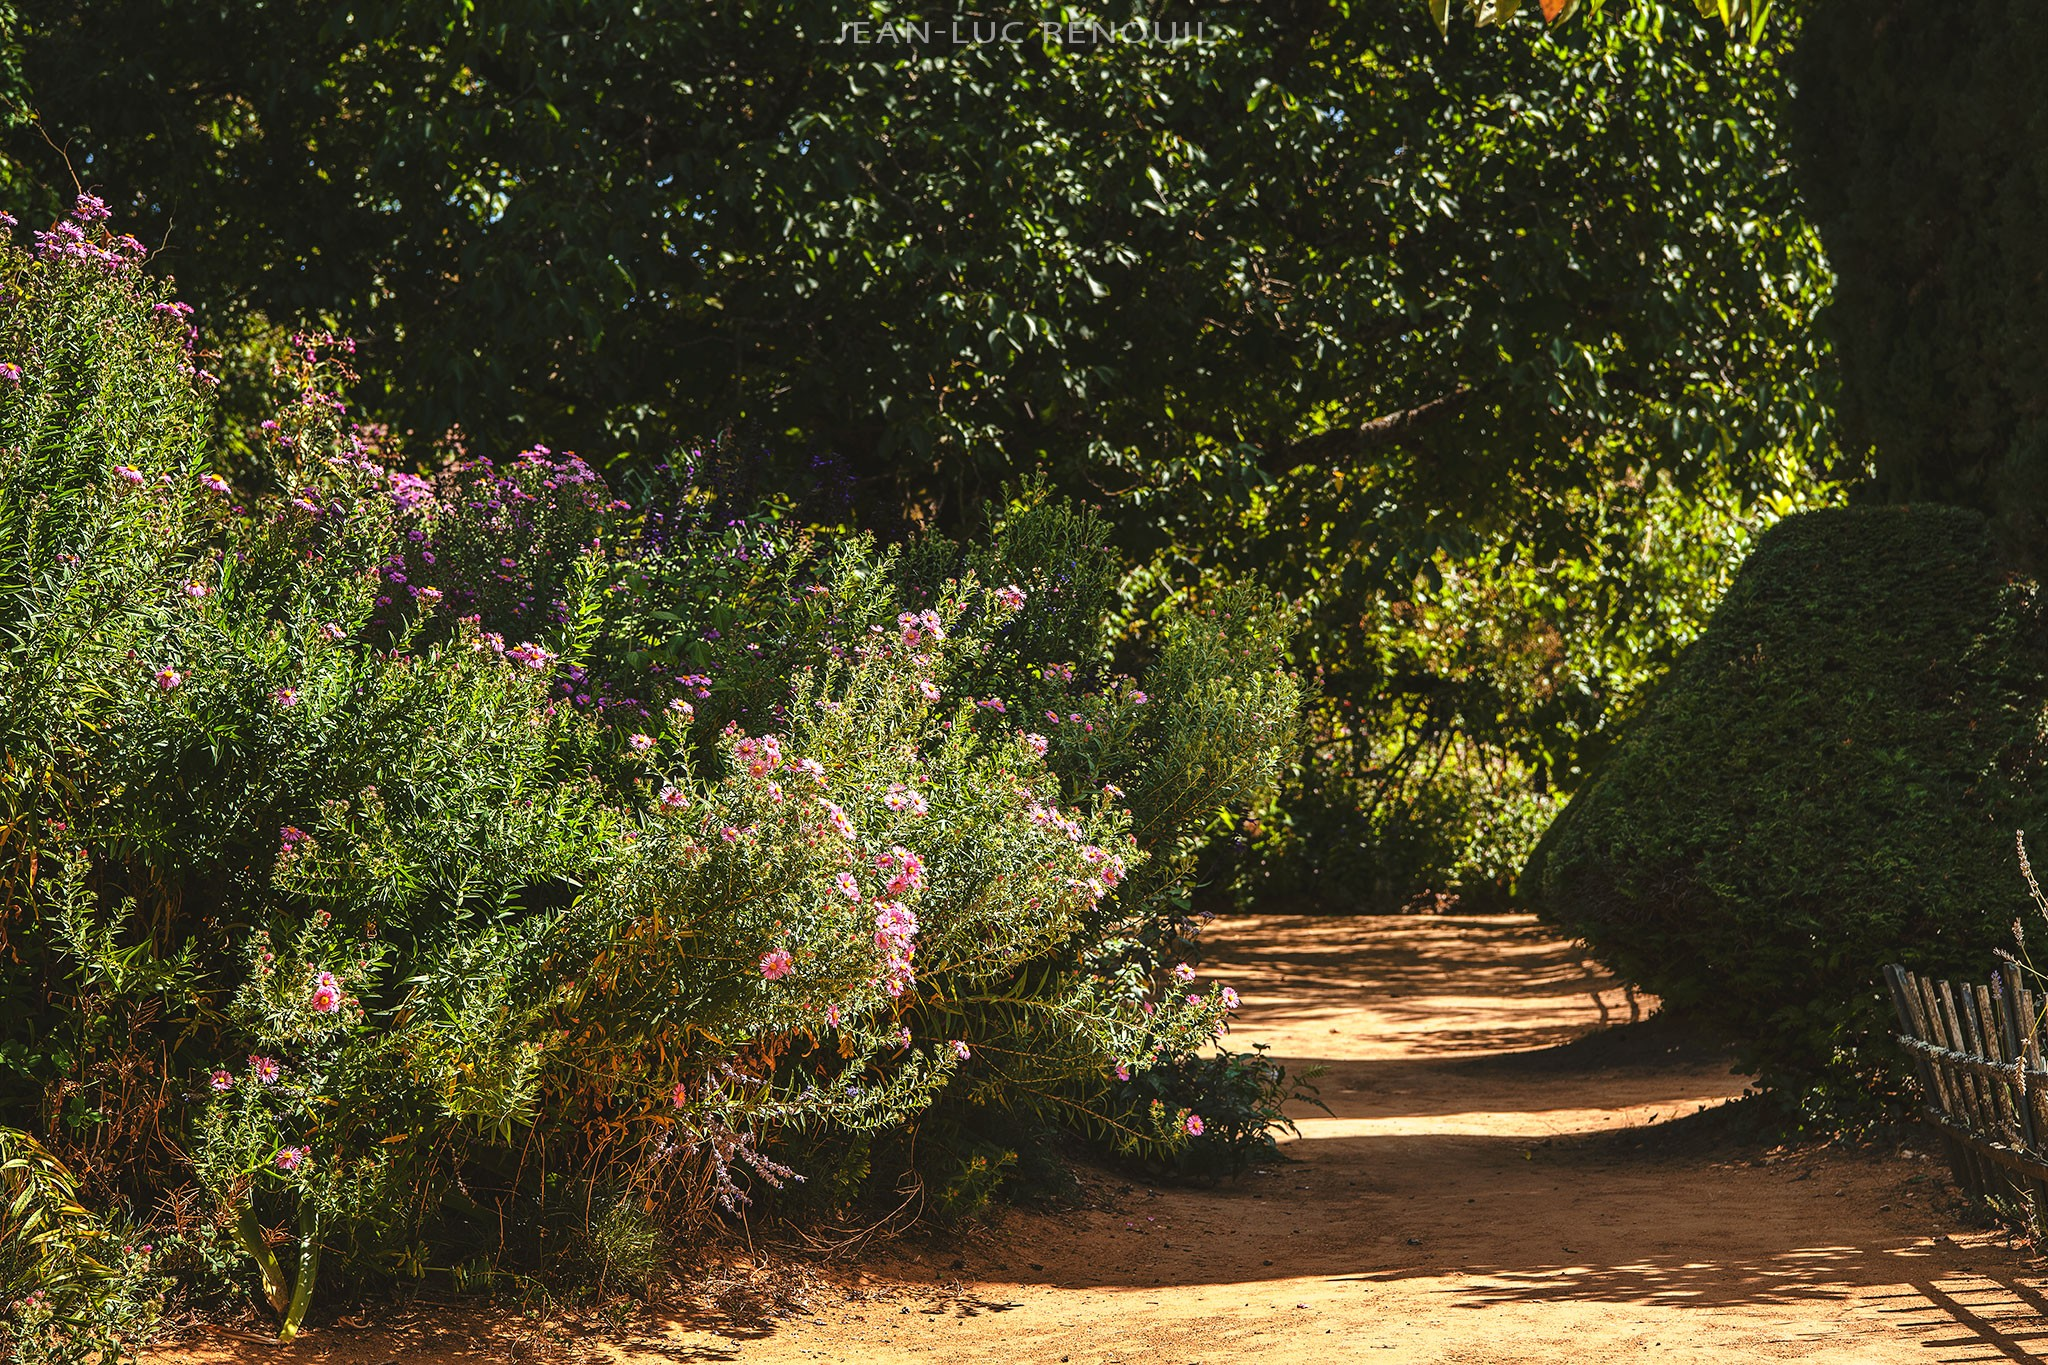 Les jardins de Cadiot